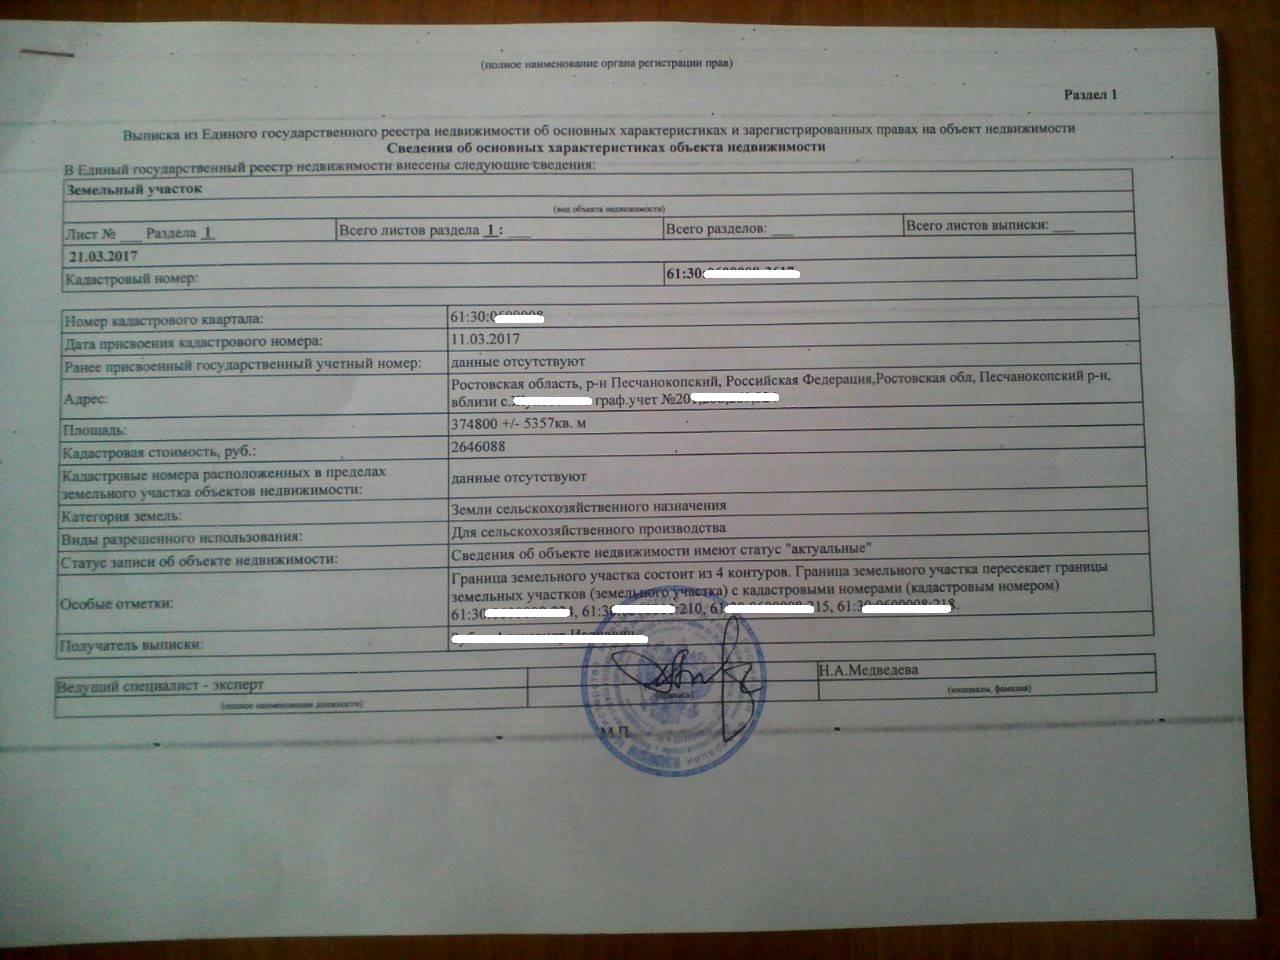 Кадастровая выписка из егрн или паспорта на земельный участок: это что такое, как получить, оформление документа в росреестре